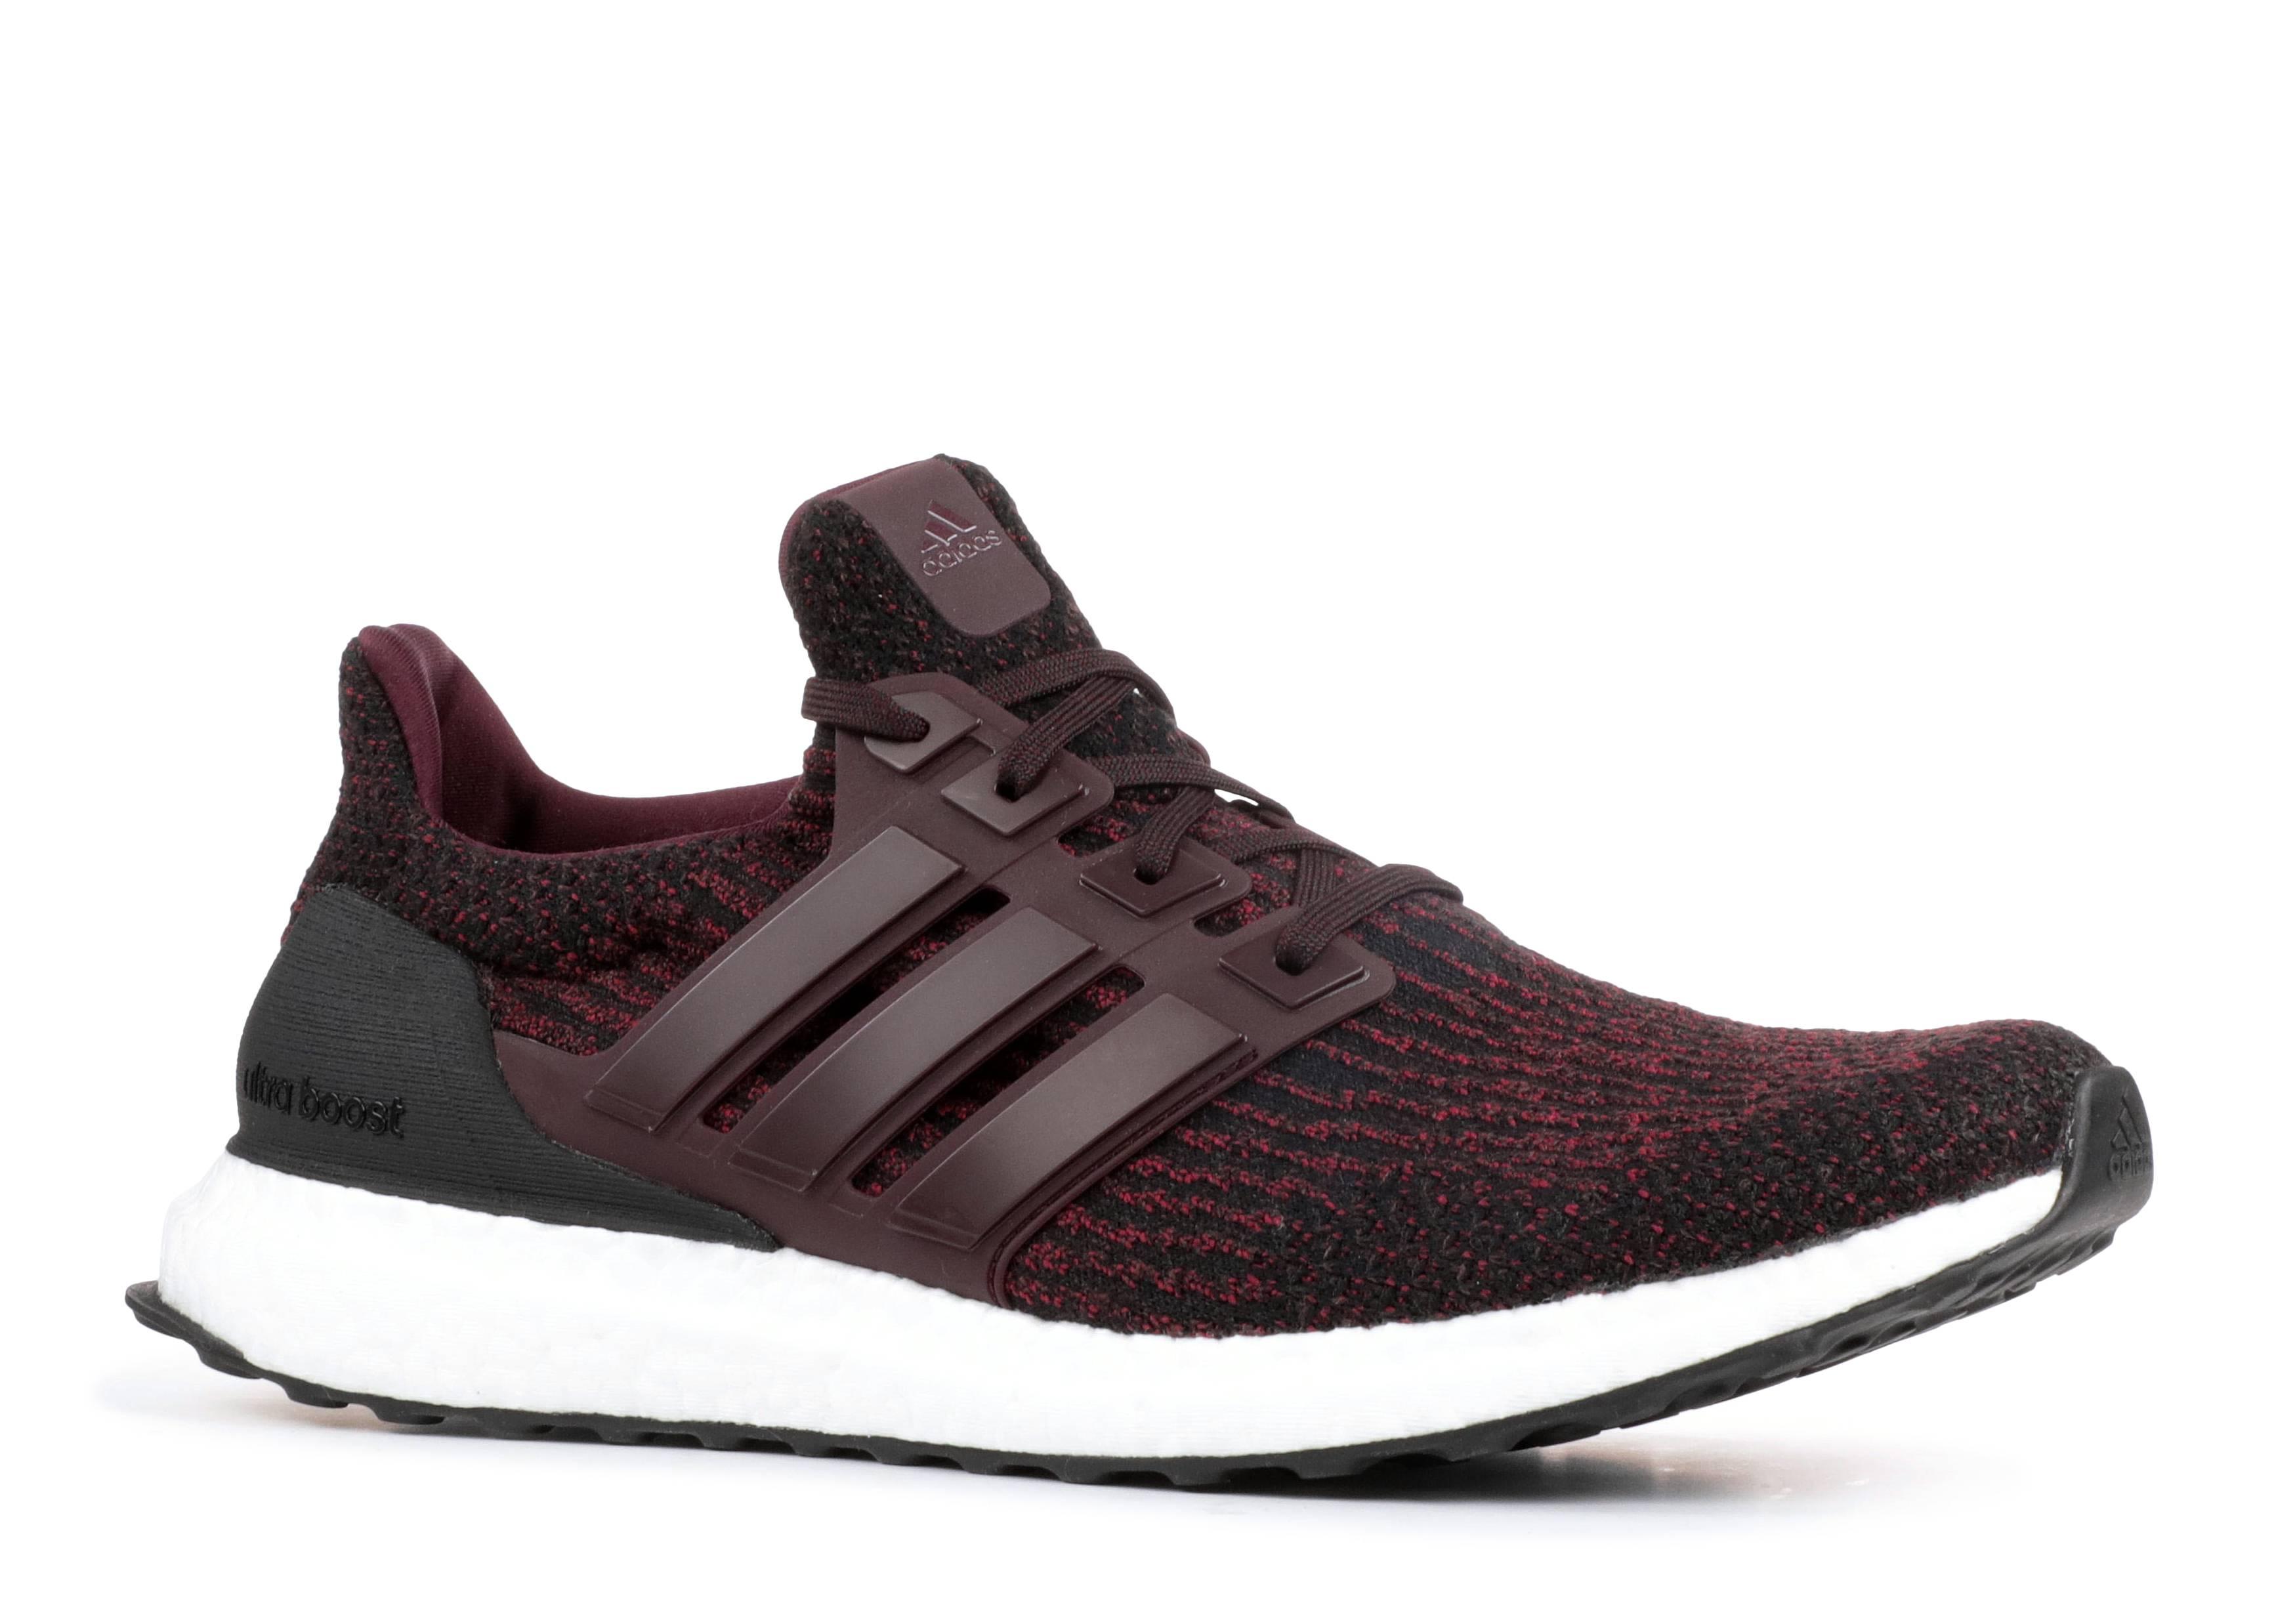 9a8d9f59b3646 Adidas Ultra Boost 3.0 Dark Burgundy - 1